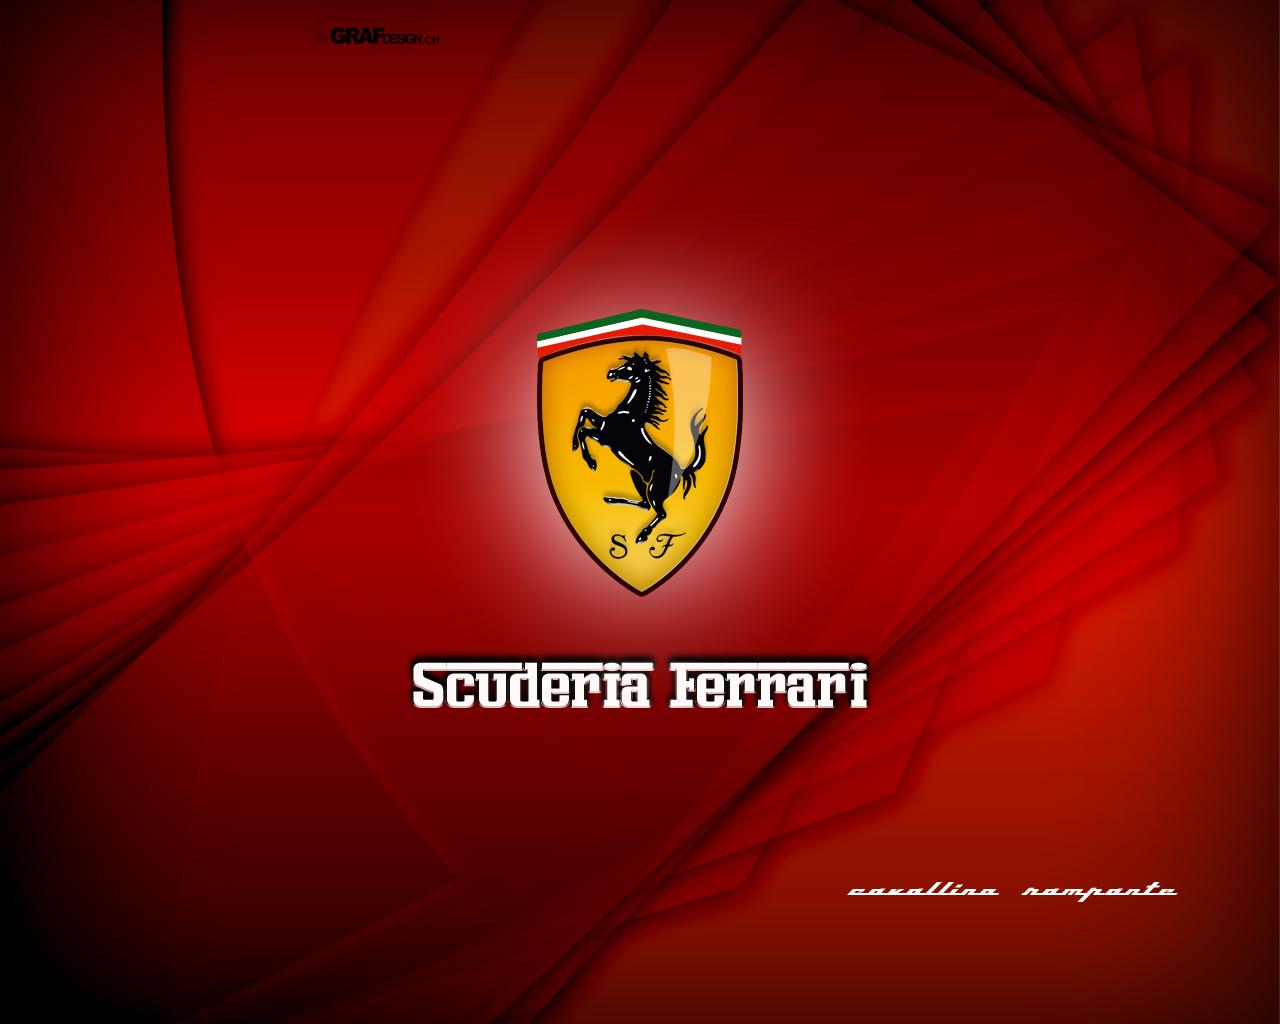 http://3.bp.blogspot.com/-MEZ_fycqlVM/TeL0rZVFeRI/AAAAAAAABns/N0PW1vhIAyQ/s1600/Ferrari-Wallpapers-HD_3005201104.jpg